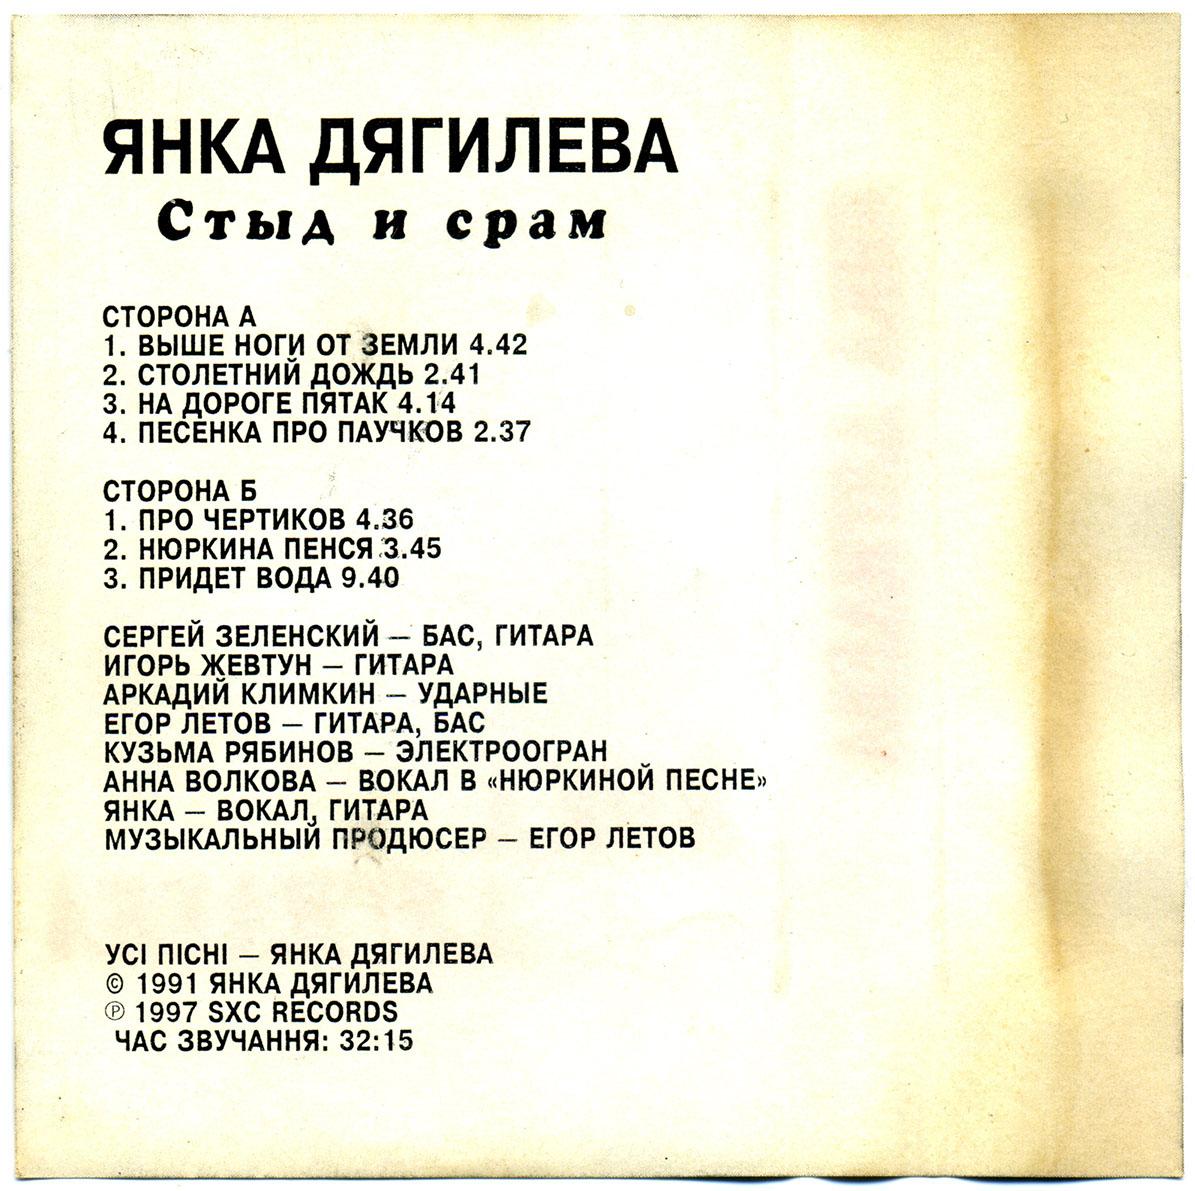 Янка дягилева - нюркина песня видео: популярные тексты и переводы песен исполнителя янка дягилева.